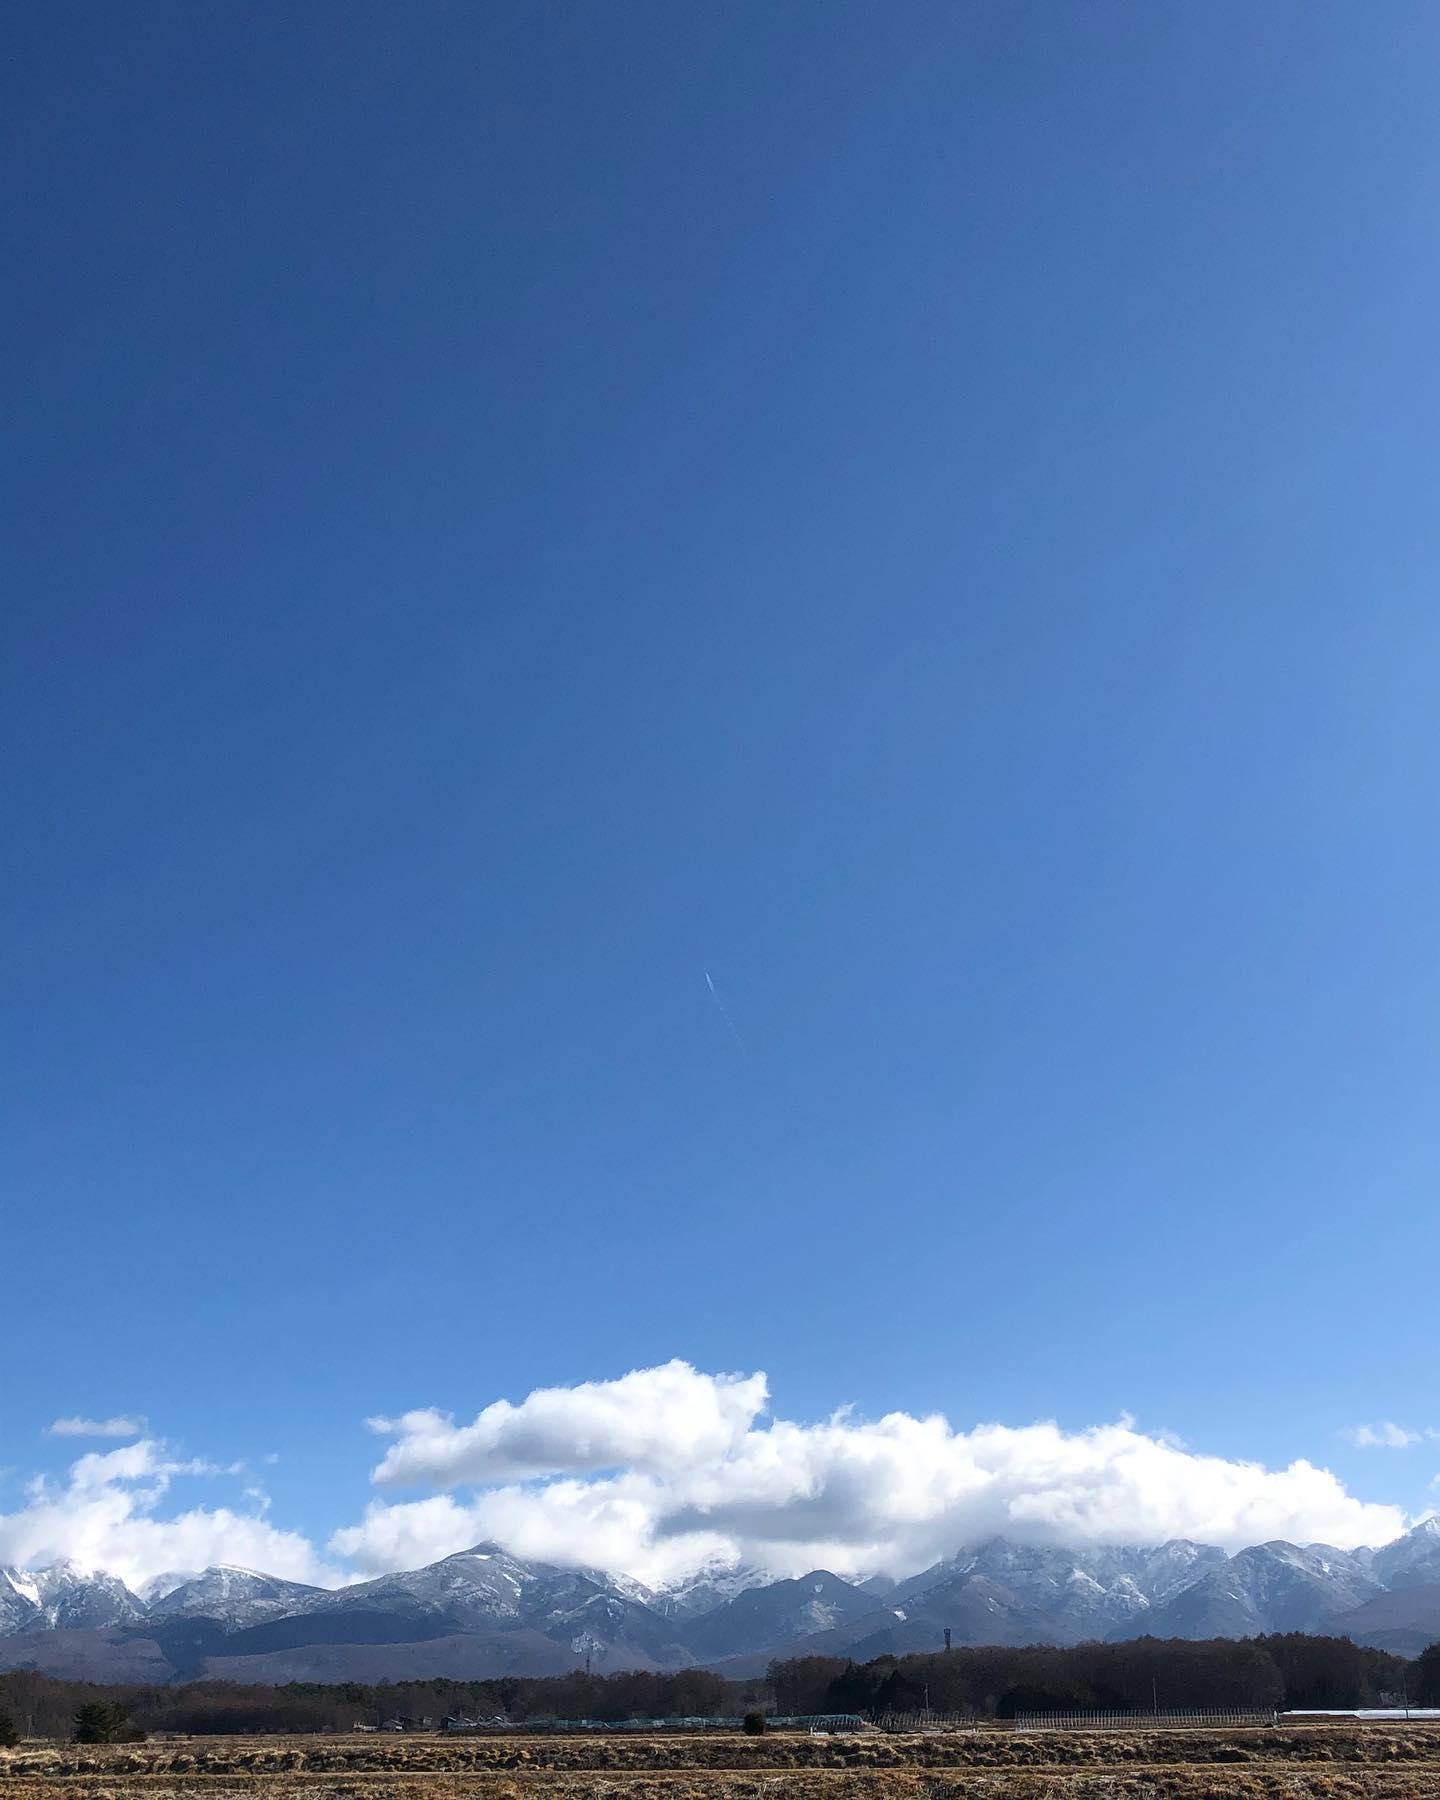 おはようございます!!昨日に続き穏やかな陽気ですが、風が冷たい〜本日「食品祭」最終日となります。食品全品10%オフご来店お待ちしております♪#ストーブハウス#ストーブハウス原村 #食品祭 #原村#八ヶ岳#自然食品#有機栽培#オーガニック #オーガニック生活 #食品添加物不使用 #ビーガン #調味料 #免疫力アップ #食材 #食材買い出し #別荘 #体に優しいごはん #体に優しい #からだがよろこぶ #子供に優しい #子供も大好き #薪ストーブ #薪ストーブのある暮らし#山暮らし